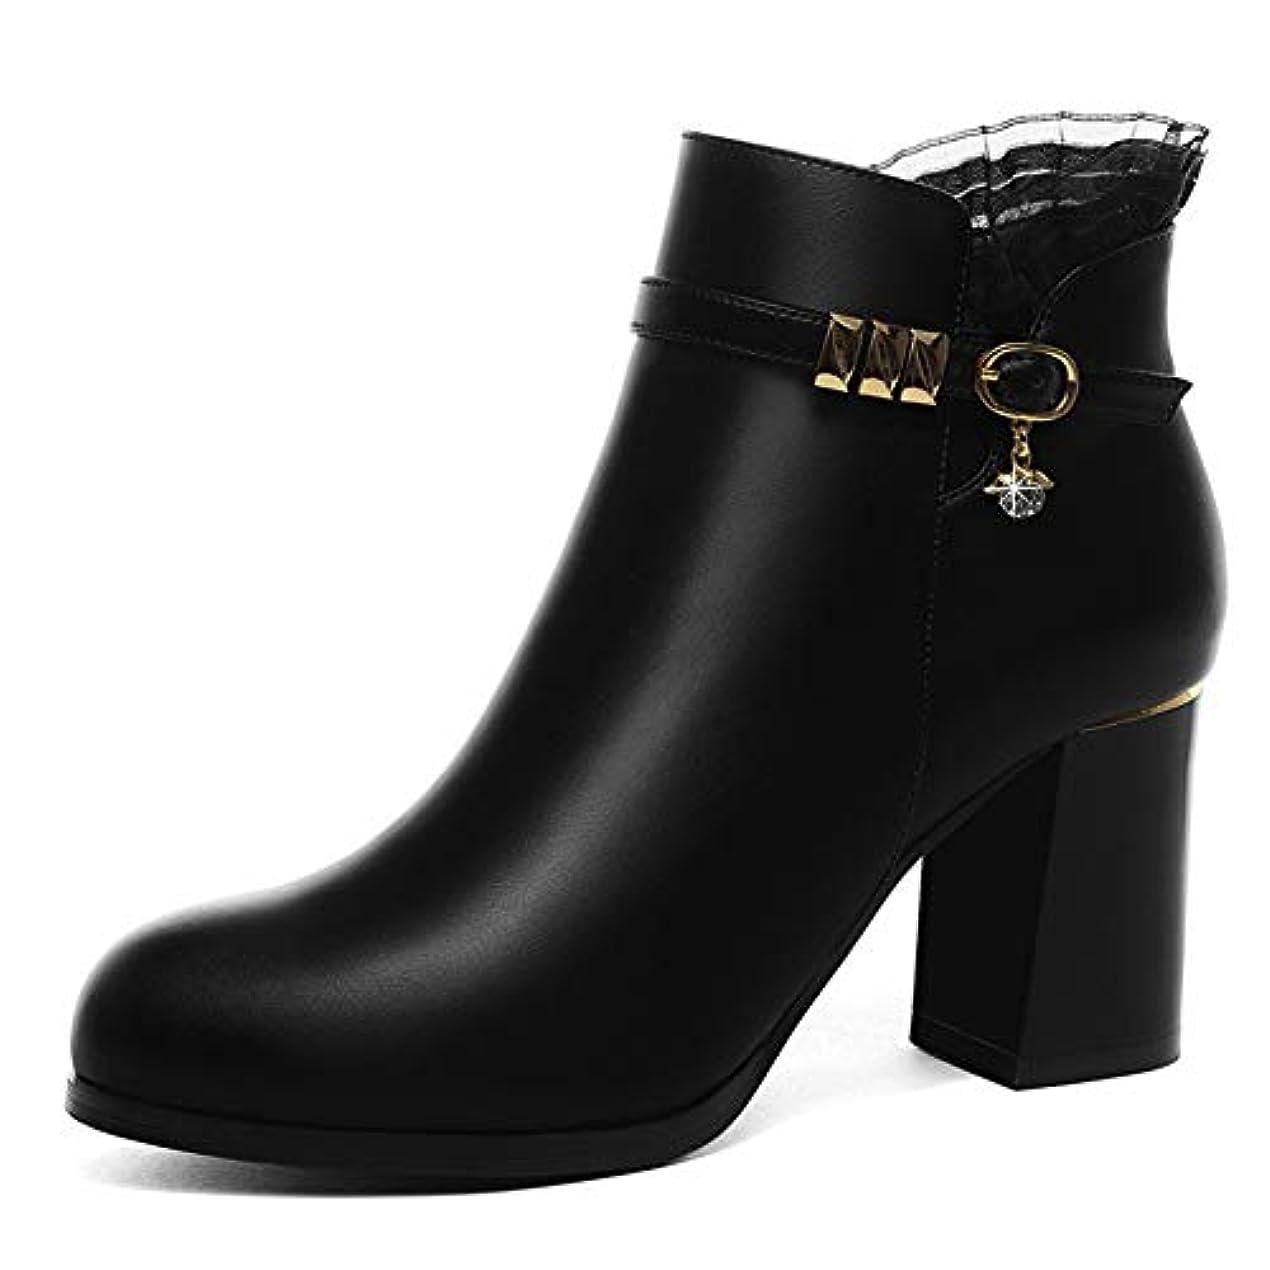 ダイヤルインディカ甥女性のブーツ、秋冬新しい厚いかかとレースアンクルブーツ厚いボトムベルベット女性のマーティンブーツ (色 : A, サイズ : 35)